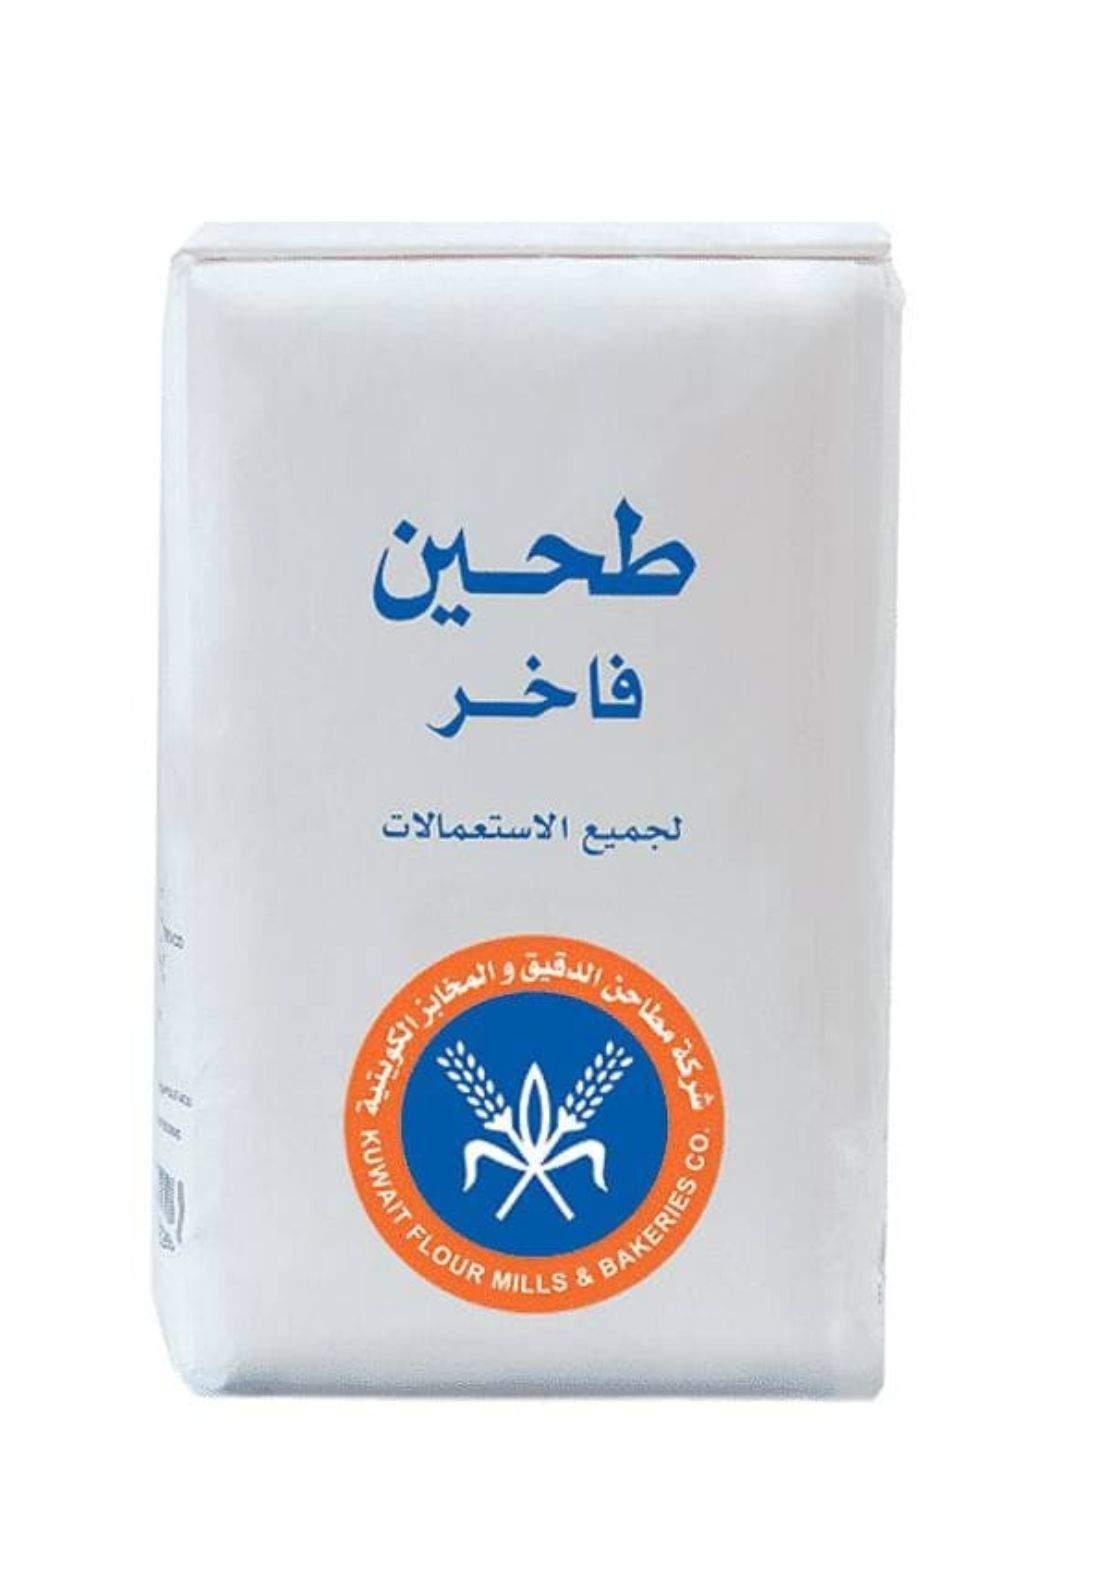 Patent flour 1kg طحين فاخر